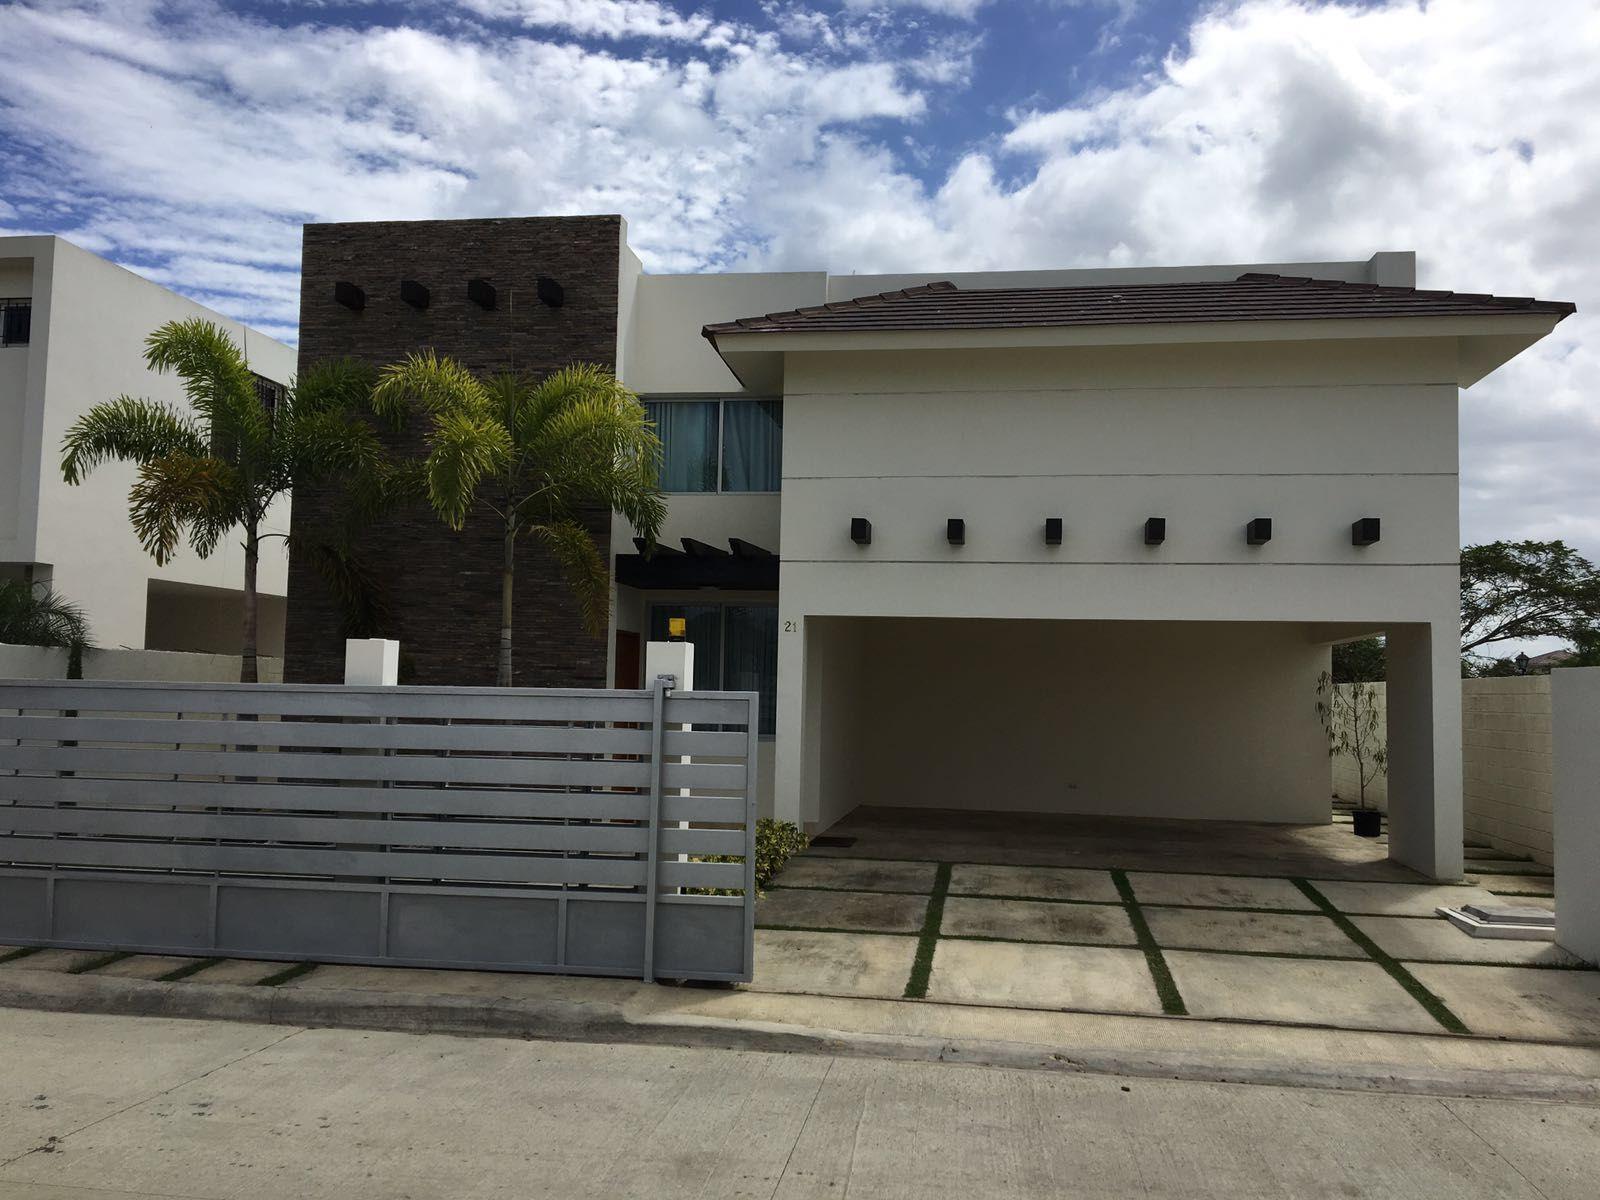 Se Vende Hermosa Casa...!!! En los llamos de Gurabo, Santiago República Dominicana.